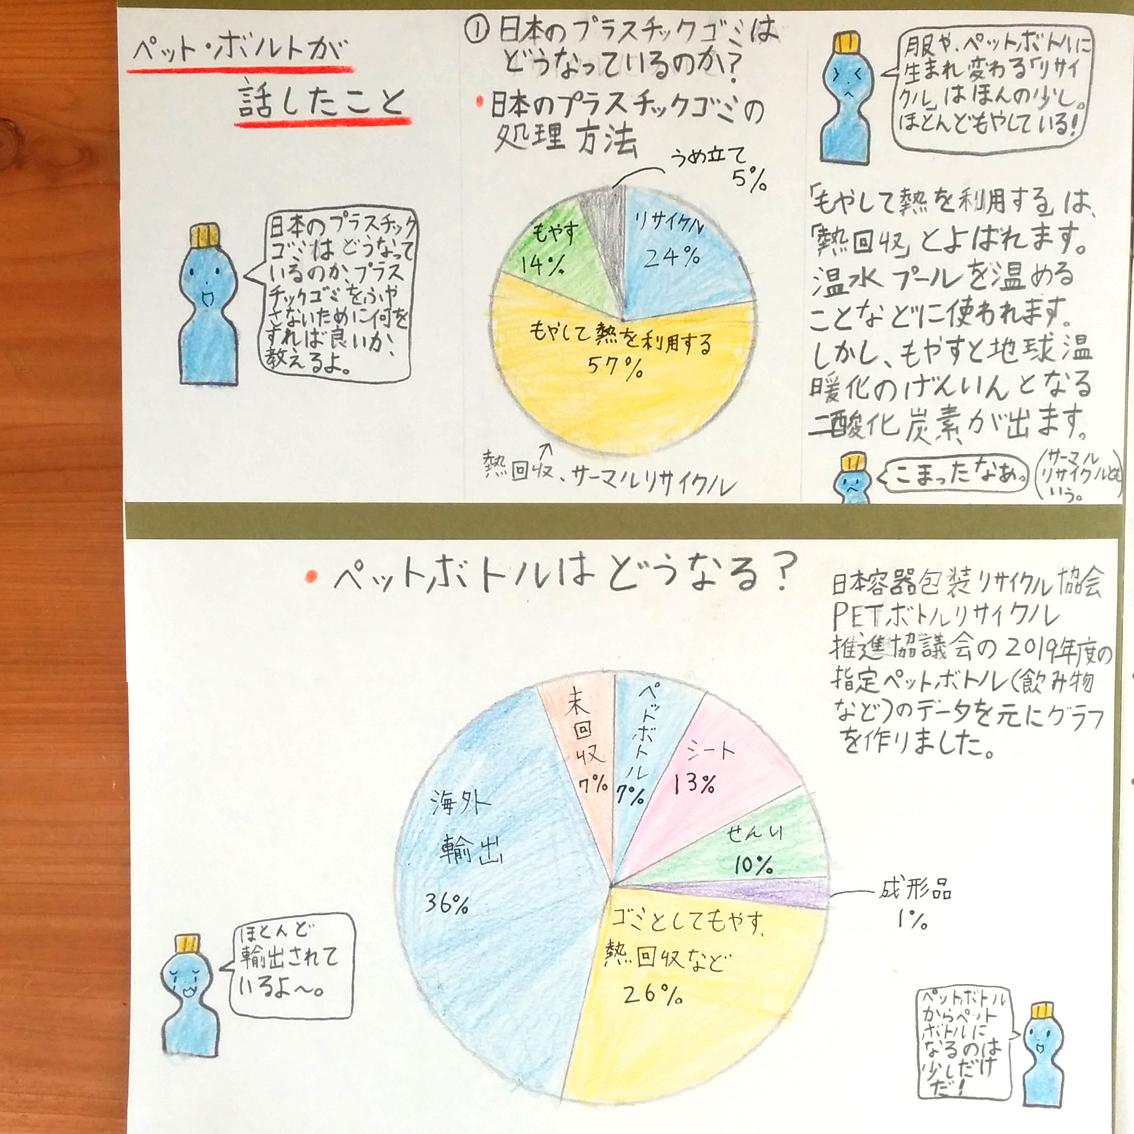 f:id:haruya-oyako:20210830102636j:plain